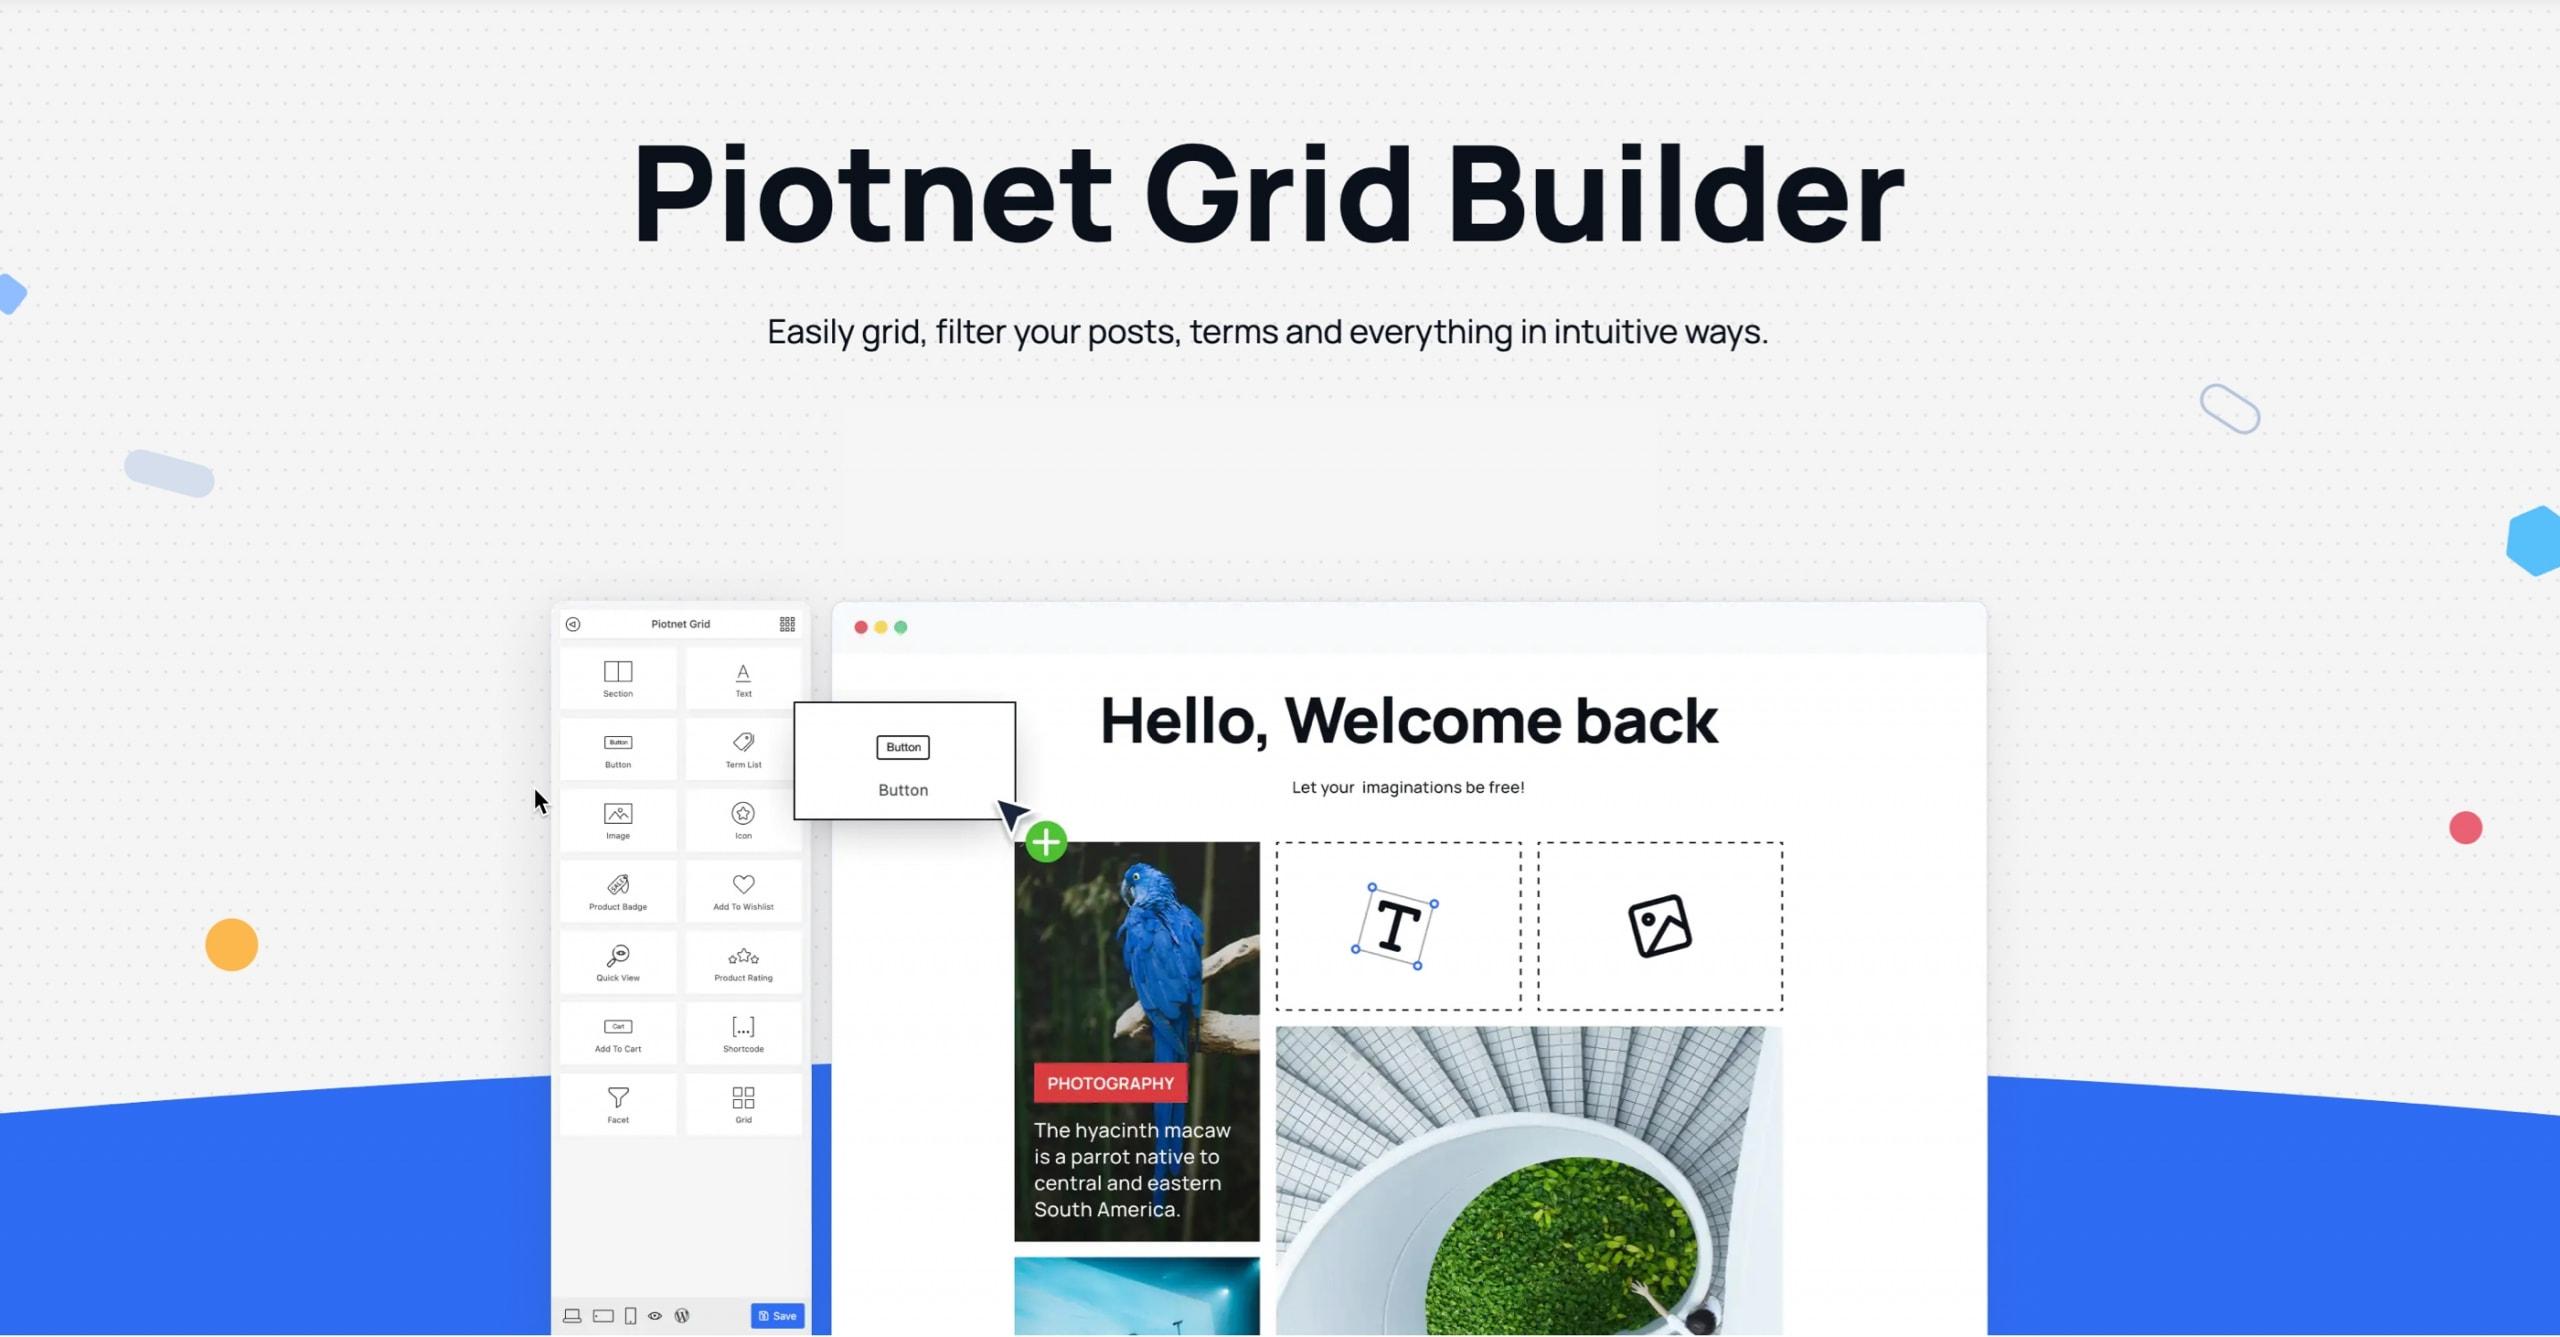 Screenshot of the Piotnet Grid website - October 2021